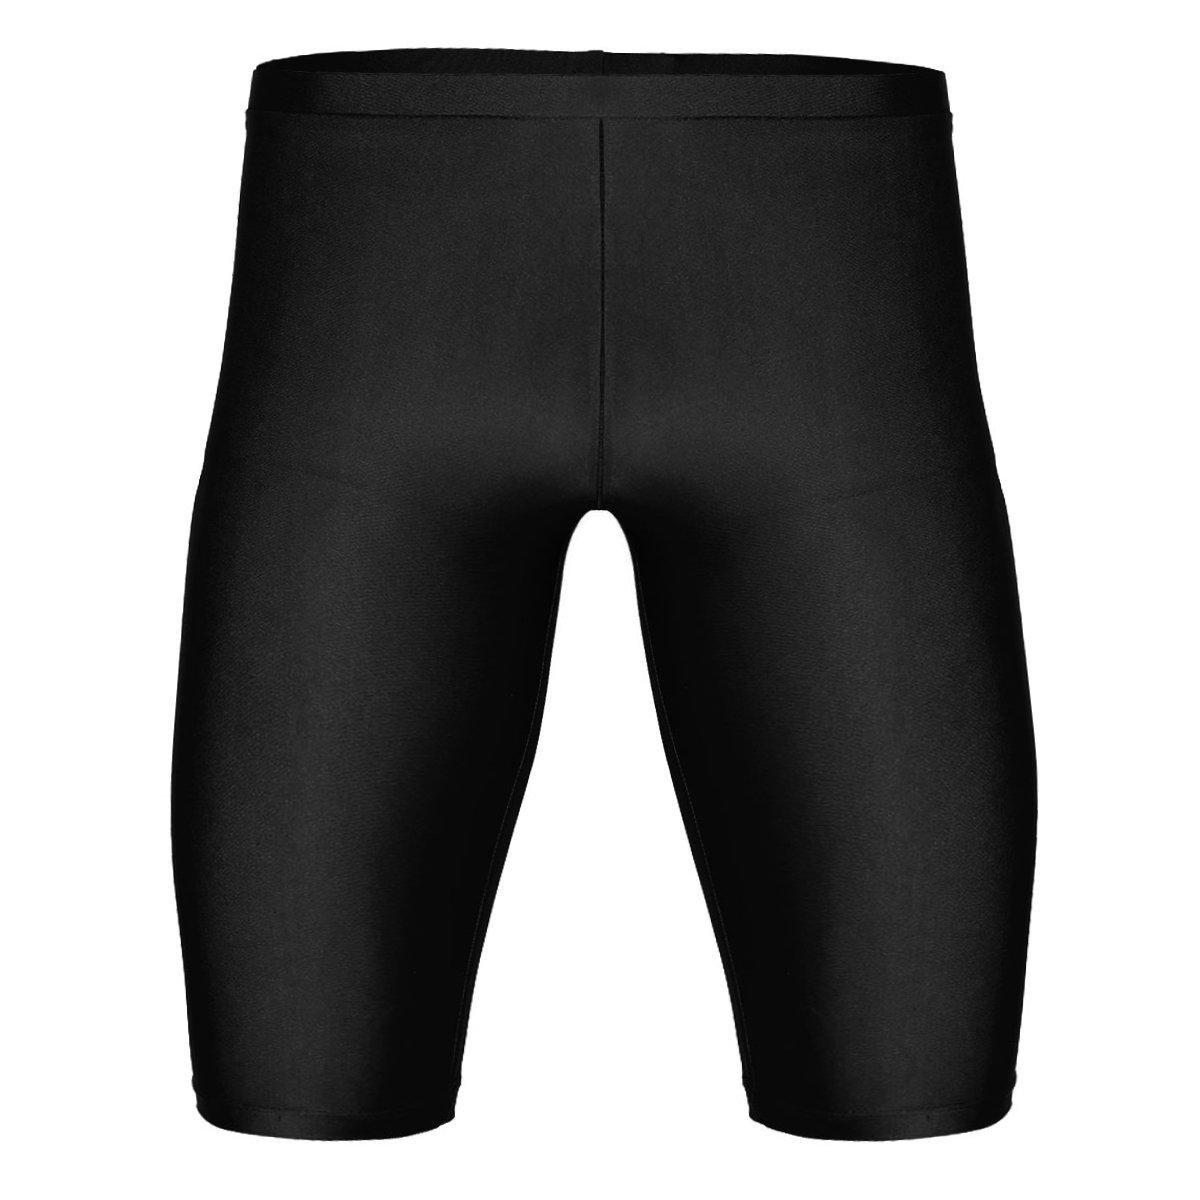 最適な材料 Agoky SHORTS ブラック メンズ B07GB7HX6G SHORTS ブラック Medium Medium, 包丁のトギノン:611a3961 --- ciadaterra.com